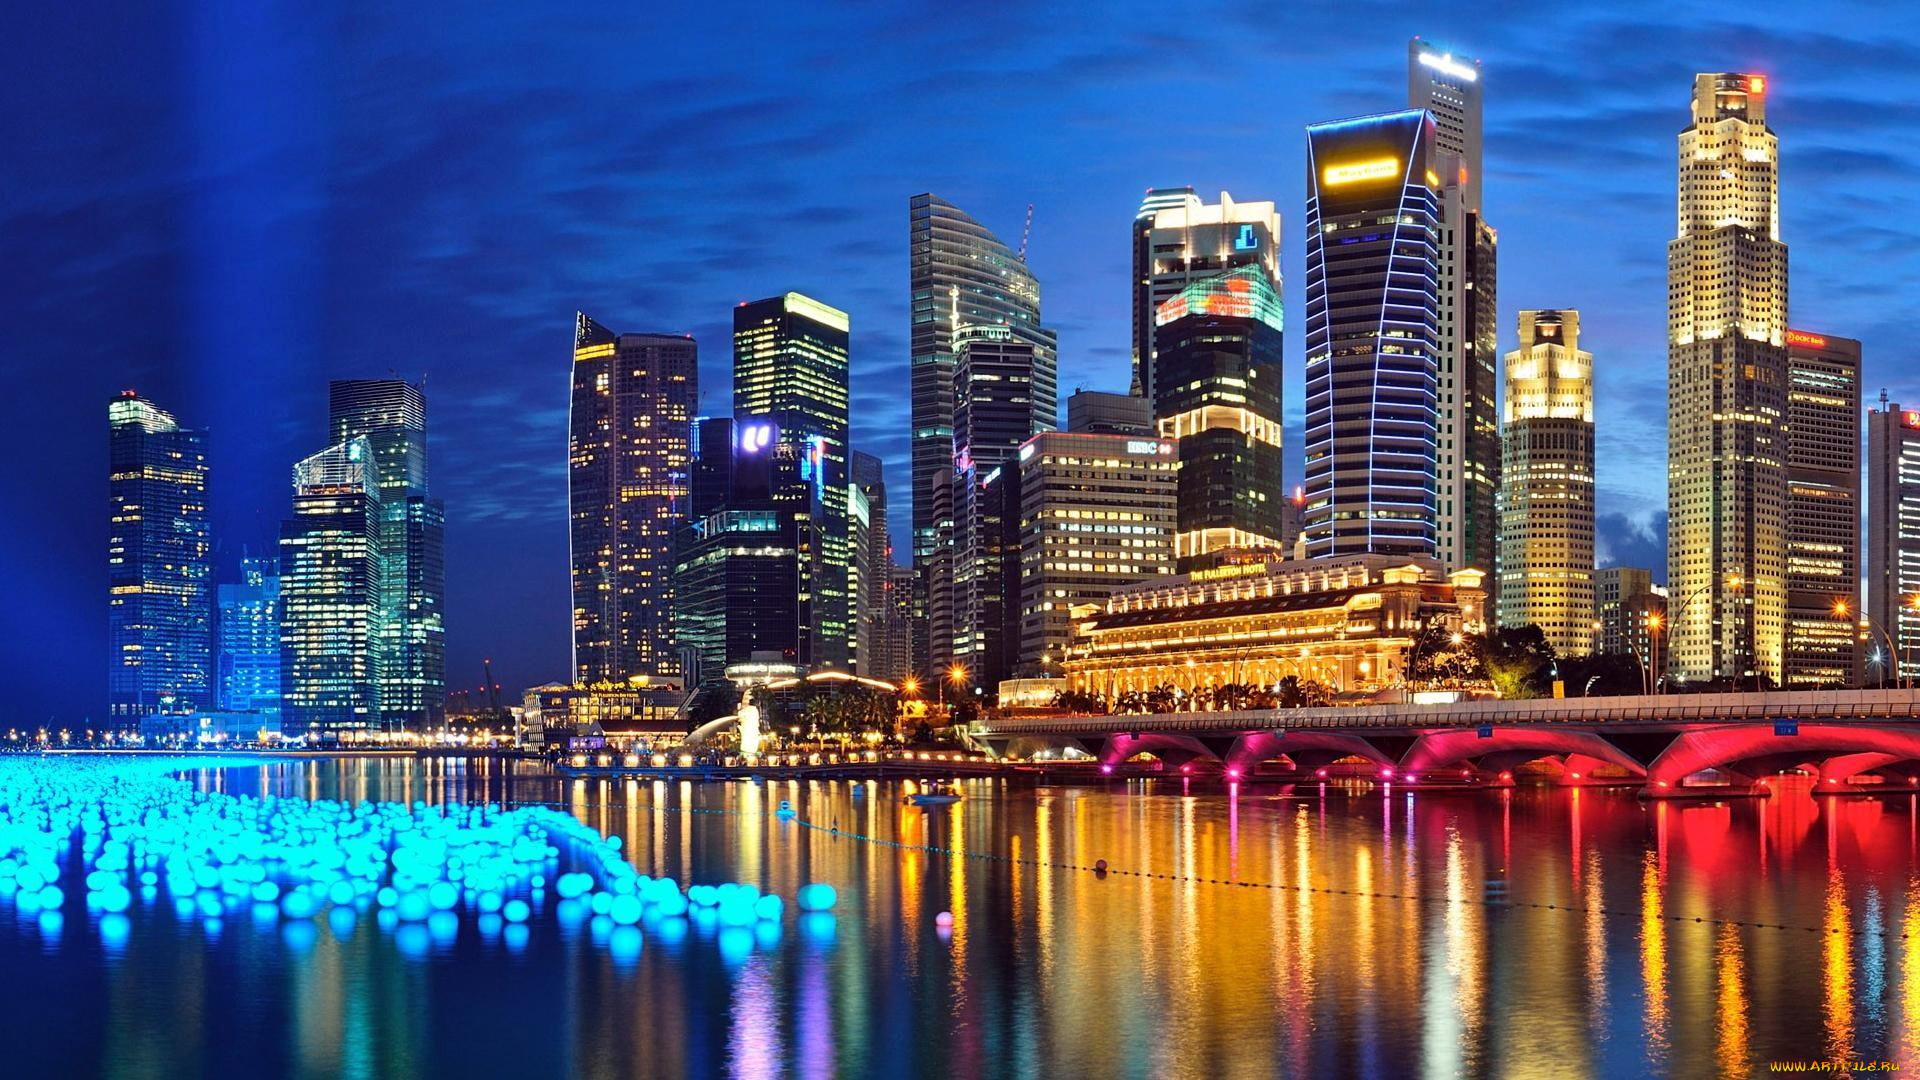 Красивые картинки городов мира на рабочий стол телефона, технологии новогодняя открытка